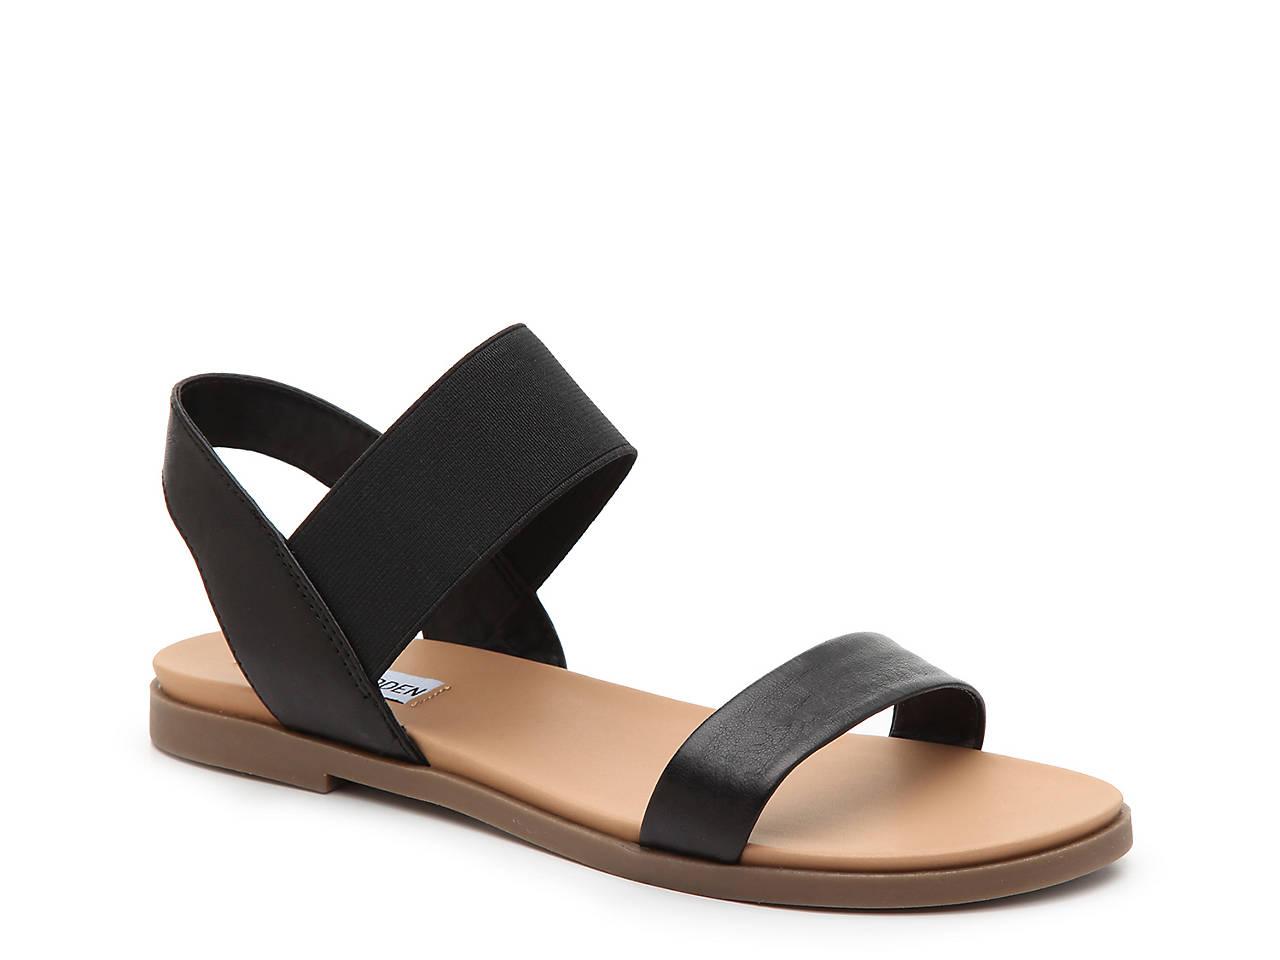 8cdd592c874 Steve Madden Darnell Flat Sandal Women s Shoes